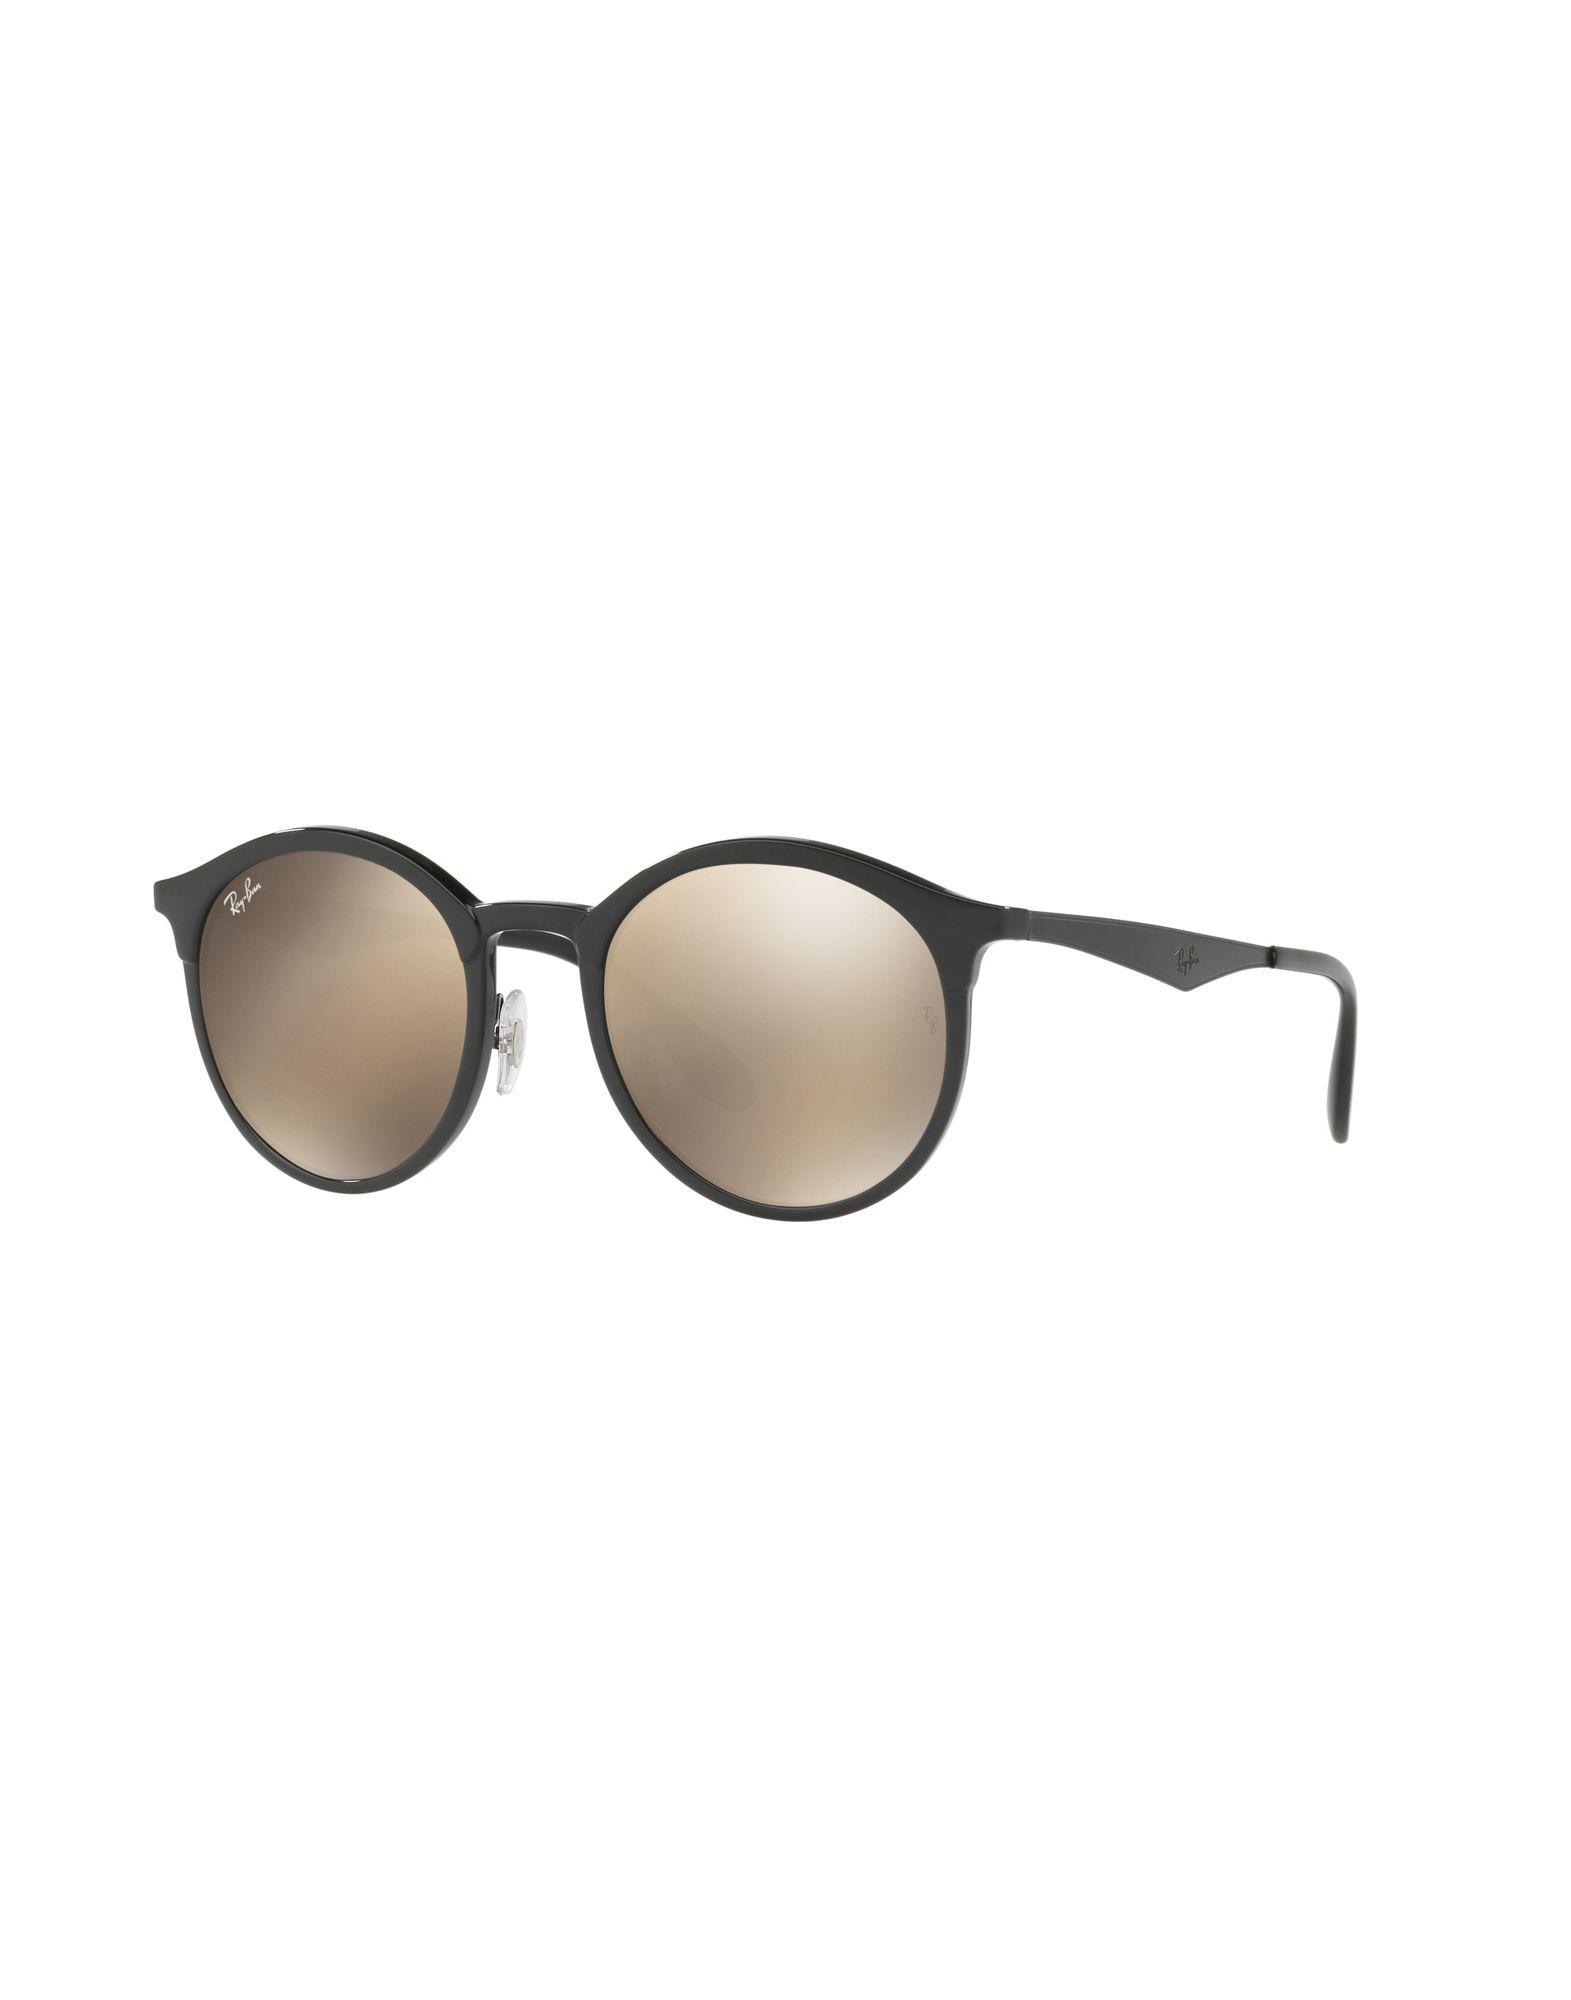 Occhiali Da Sole Ray-Ban Rb4277 - Uomo - Acquista online su